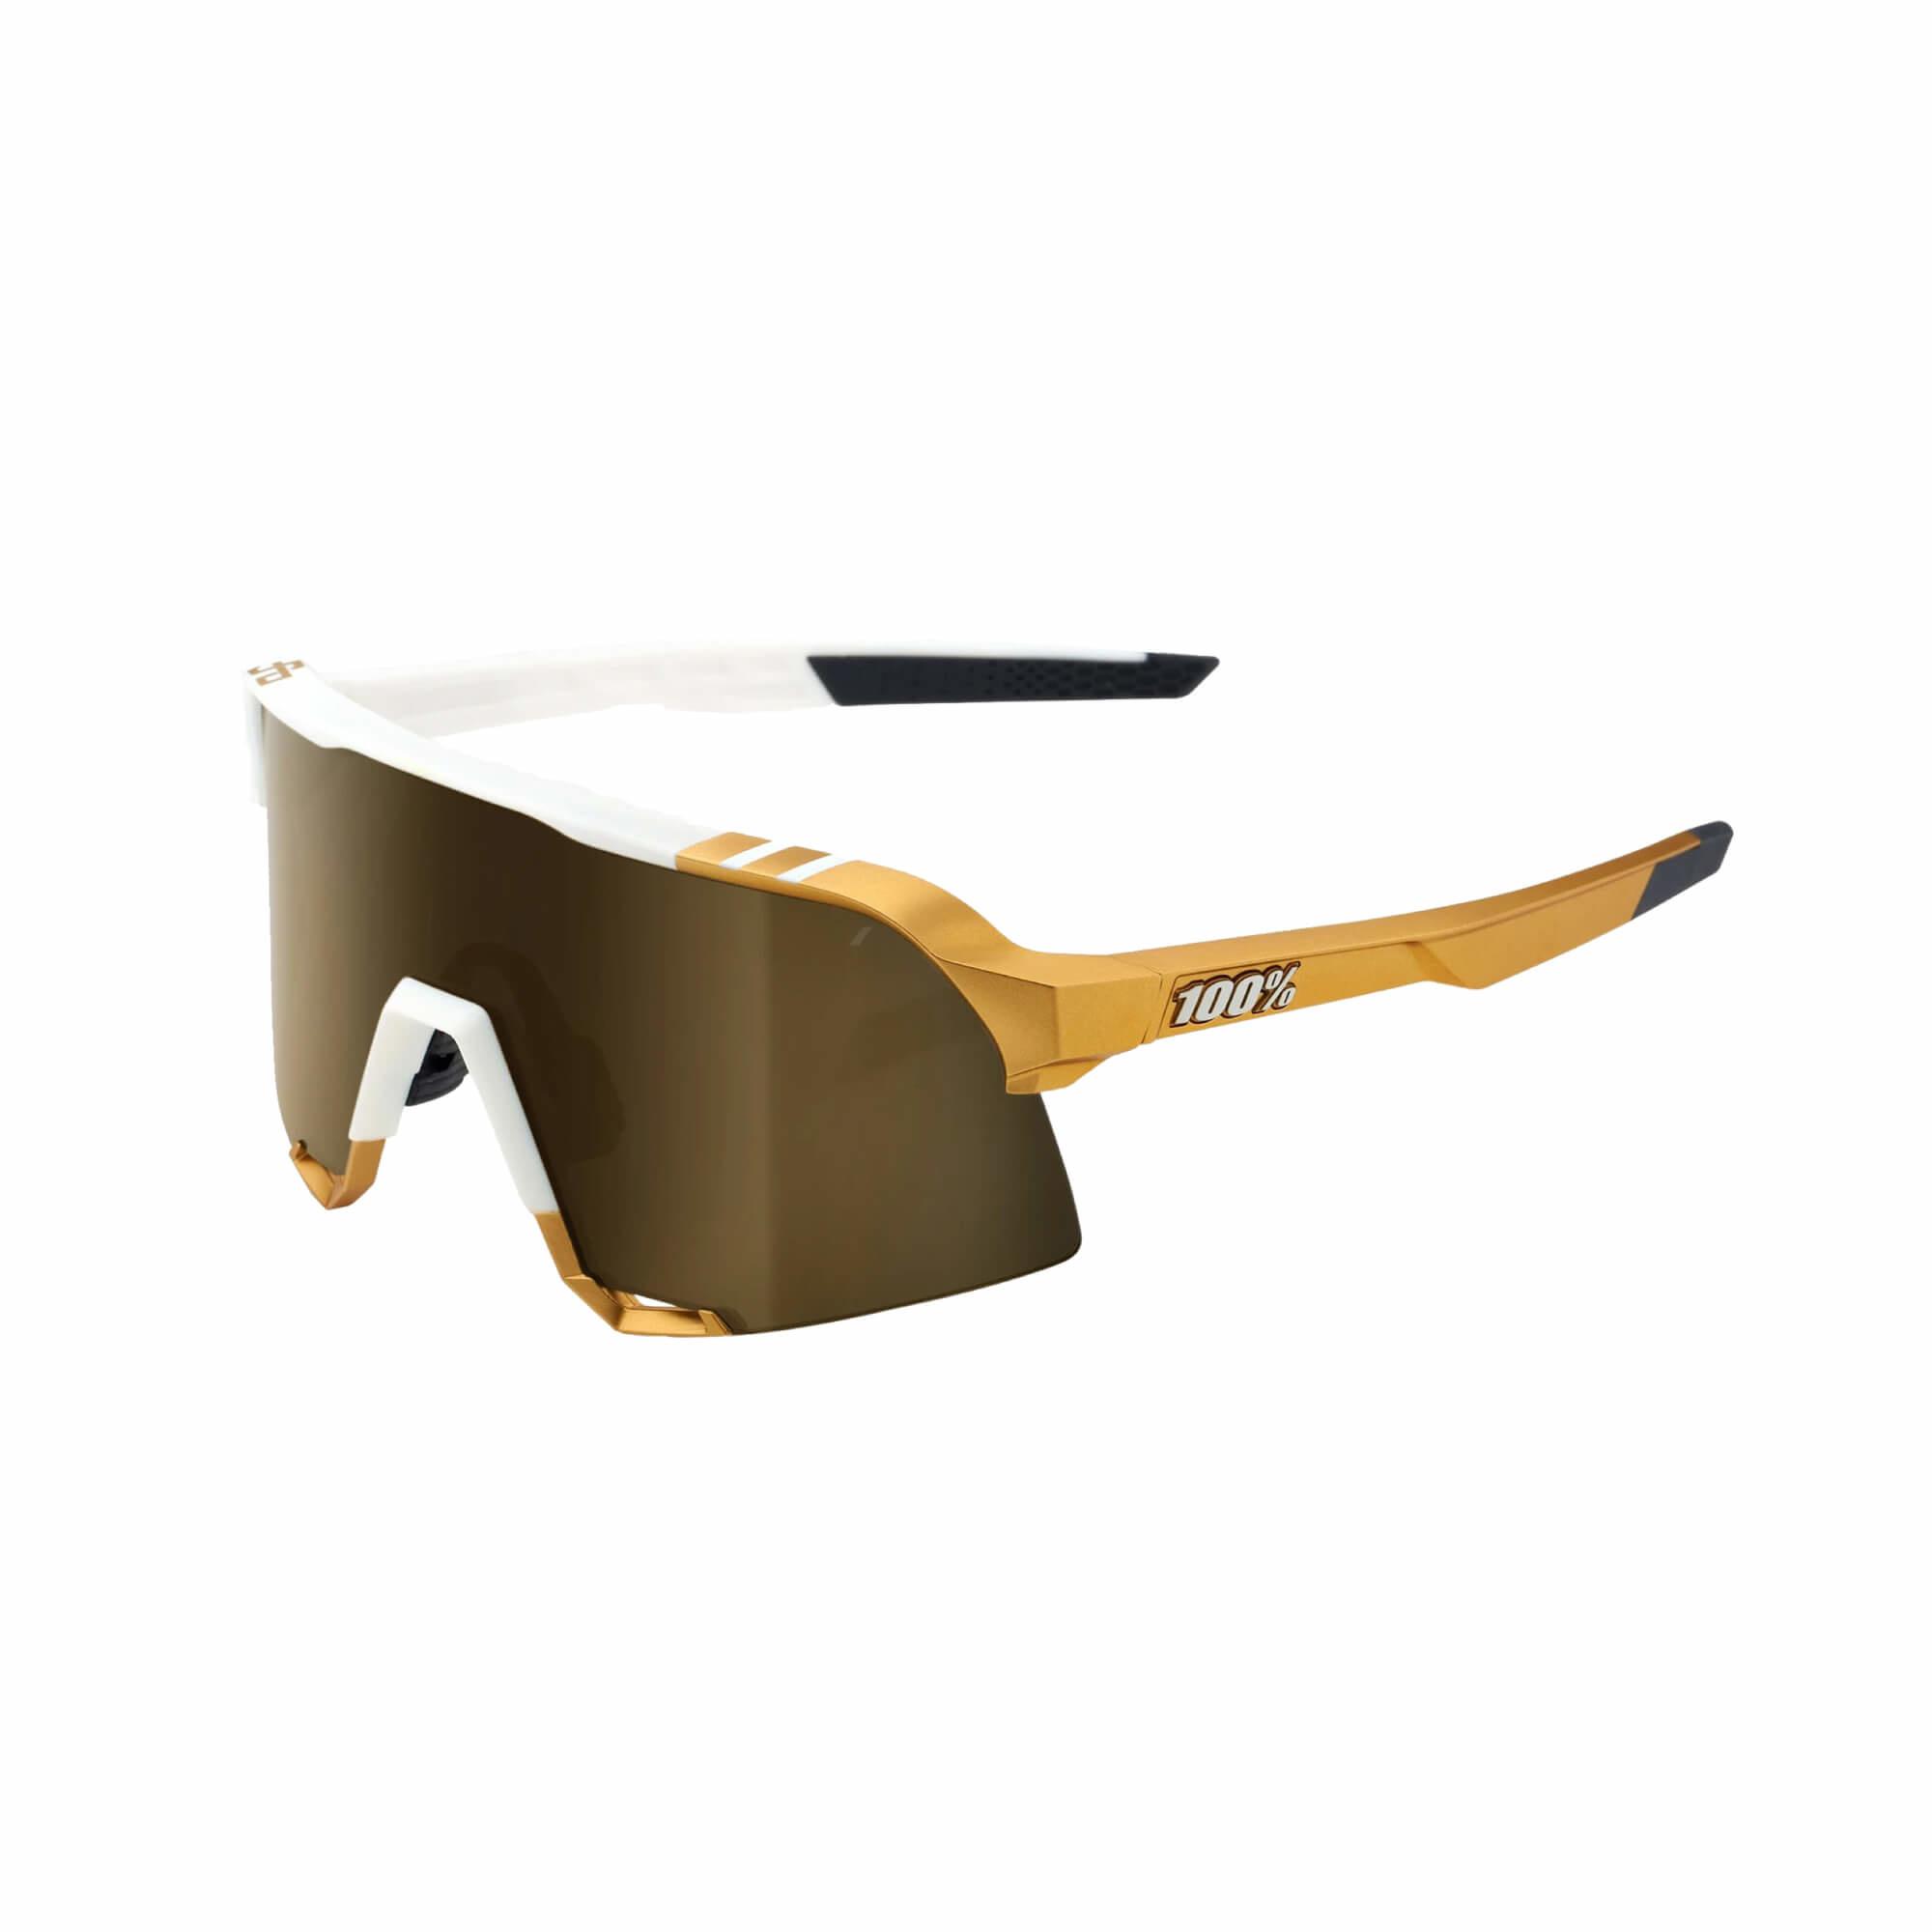 S3 Peter Sagan Le White Gold Colour: White-1